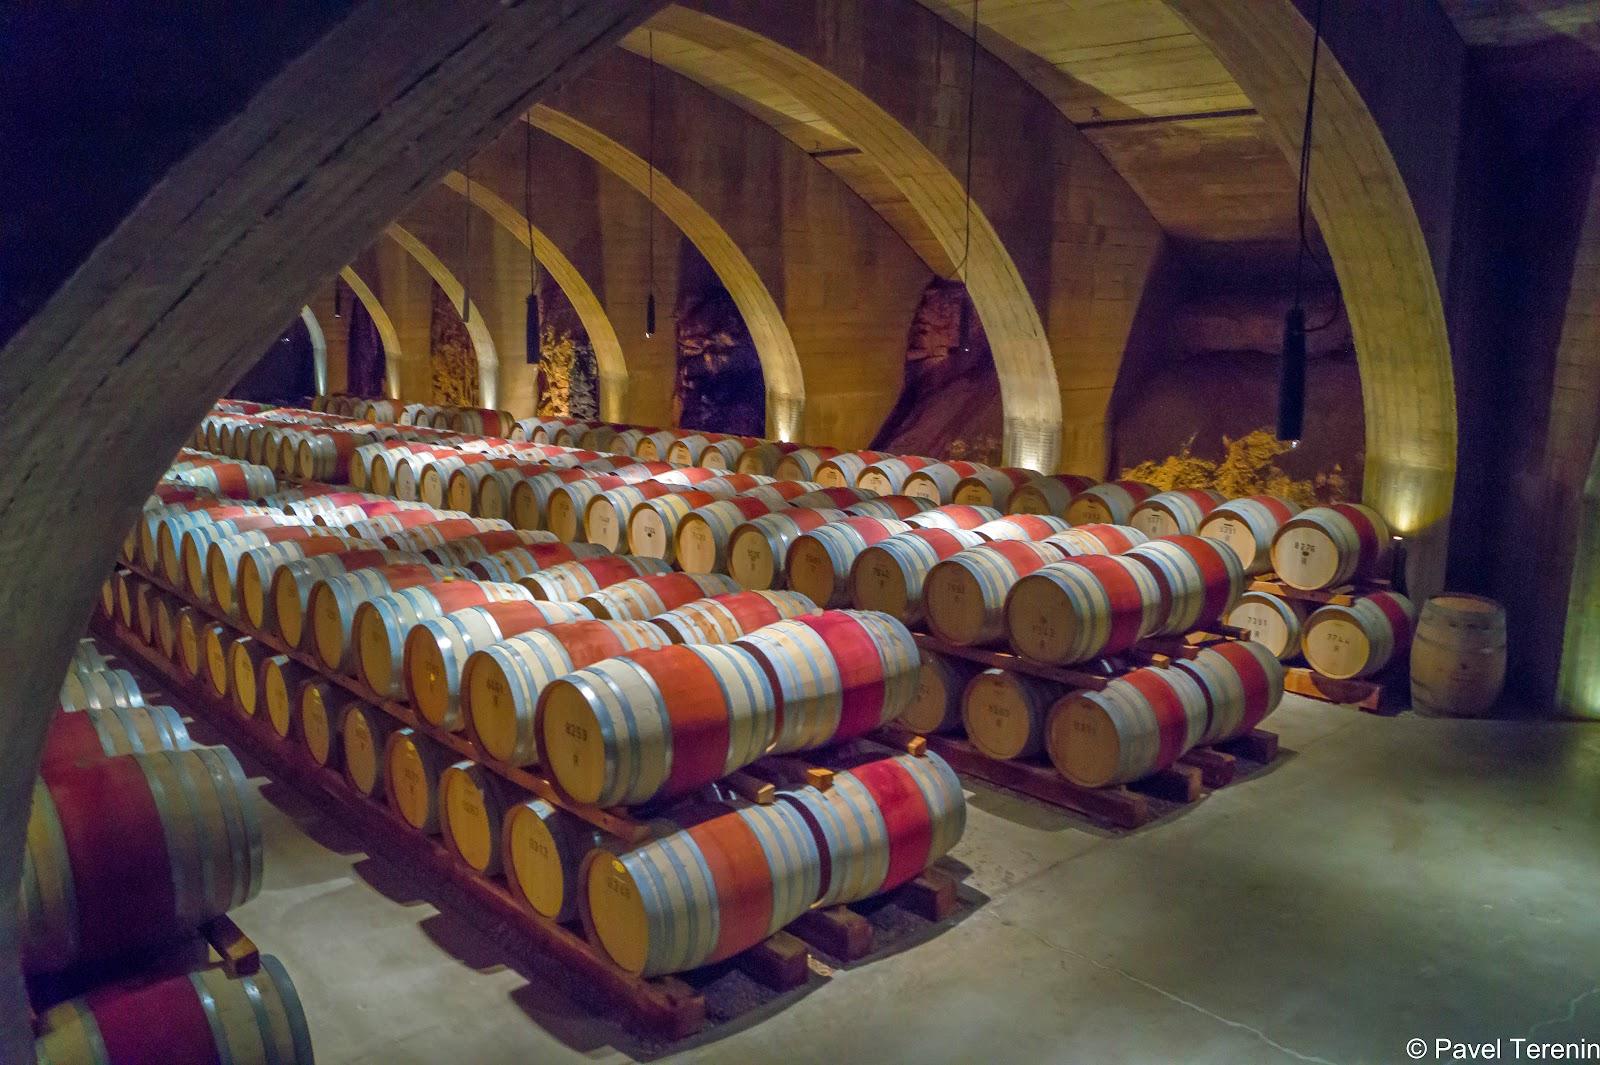 Дальше экскурсовод провёл нас в погреб, где хранятся сотни бочек с разными сортами вина.